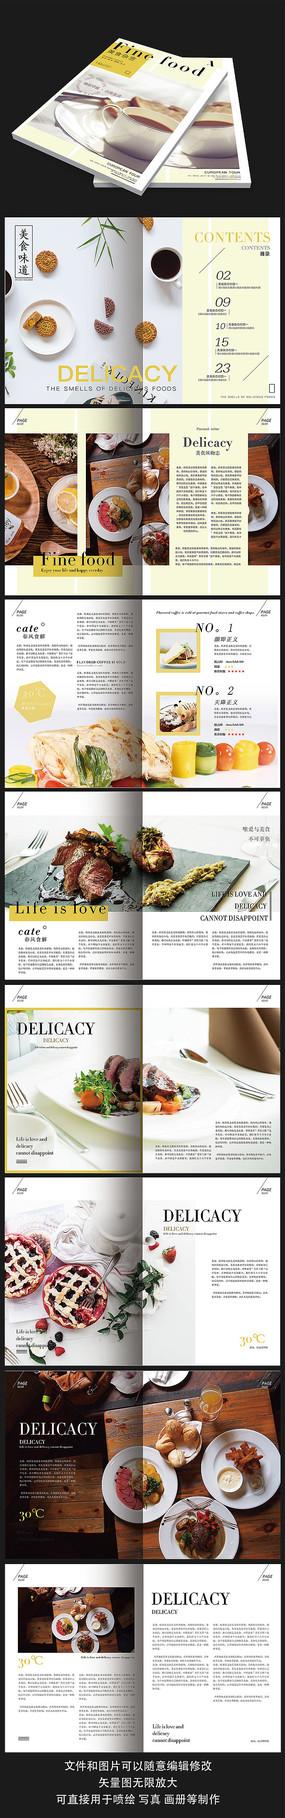 餐厅美食餐饮美食宣传册模板